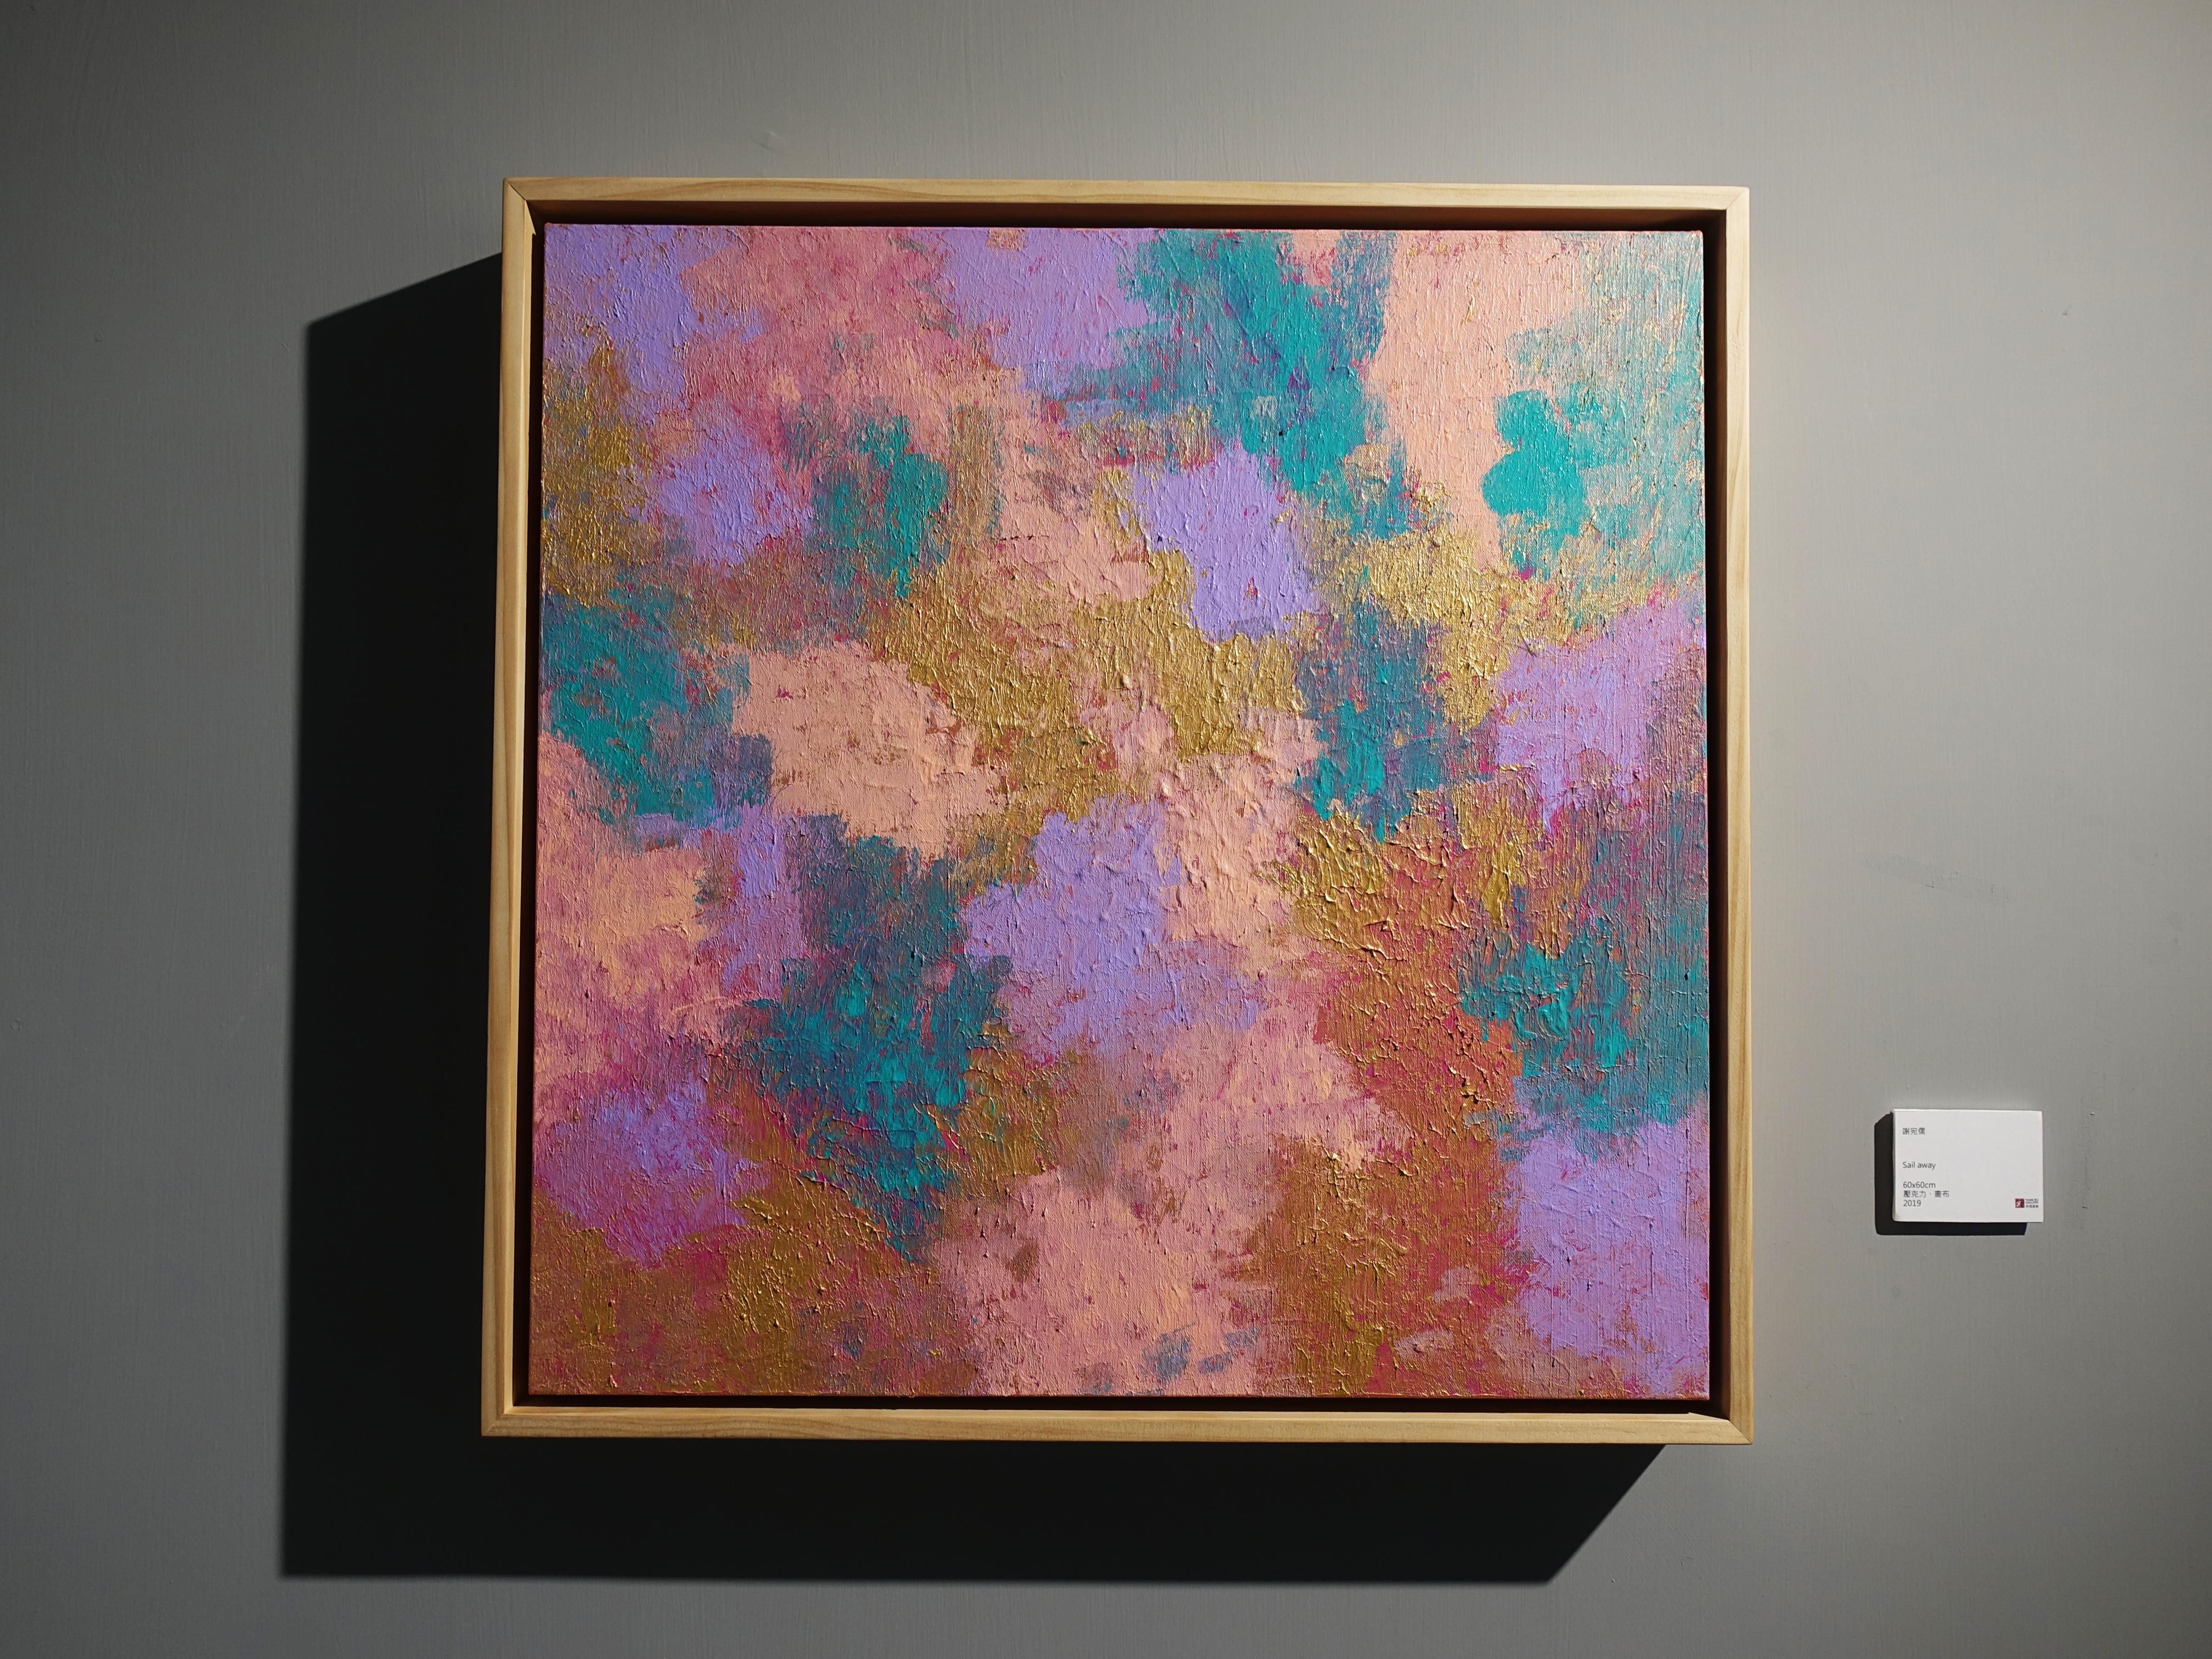 謝宛儒,《SAIL AWAY》,60 x 60 cm,壓克力、畫布,2019。